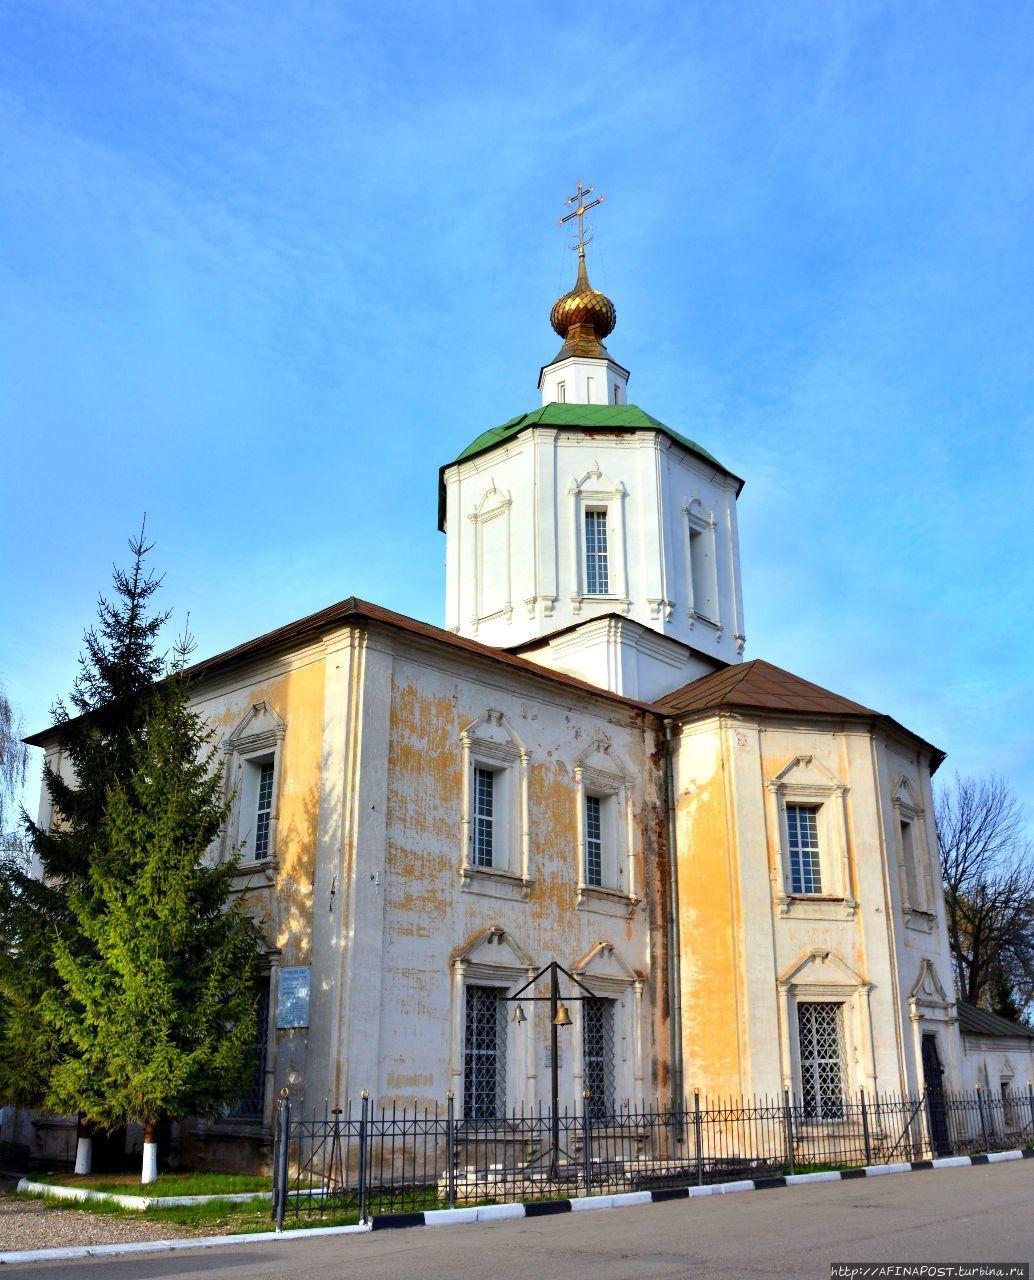 Тверь. Отроч монастырь, которому было завещано жить в веках